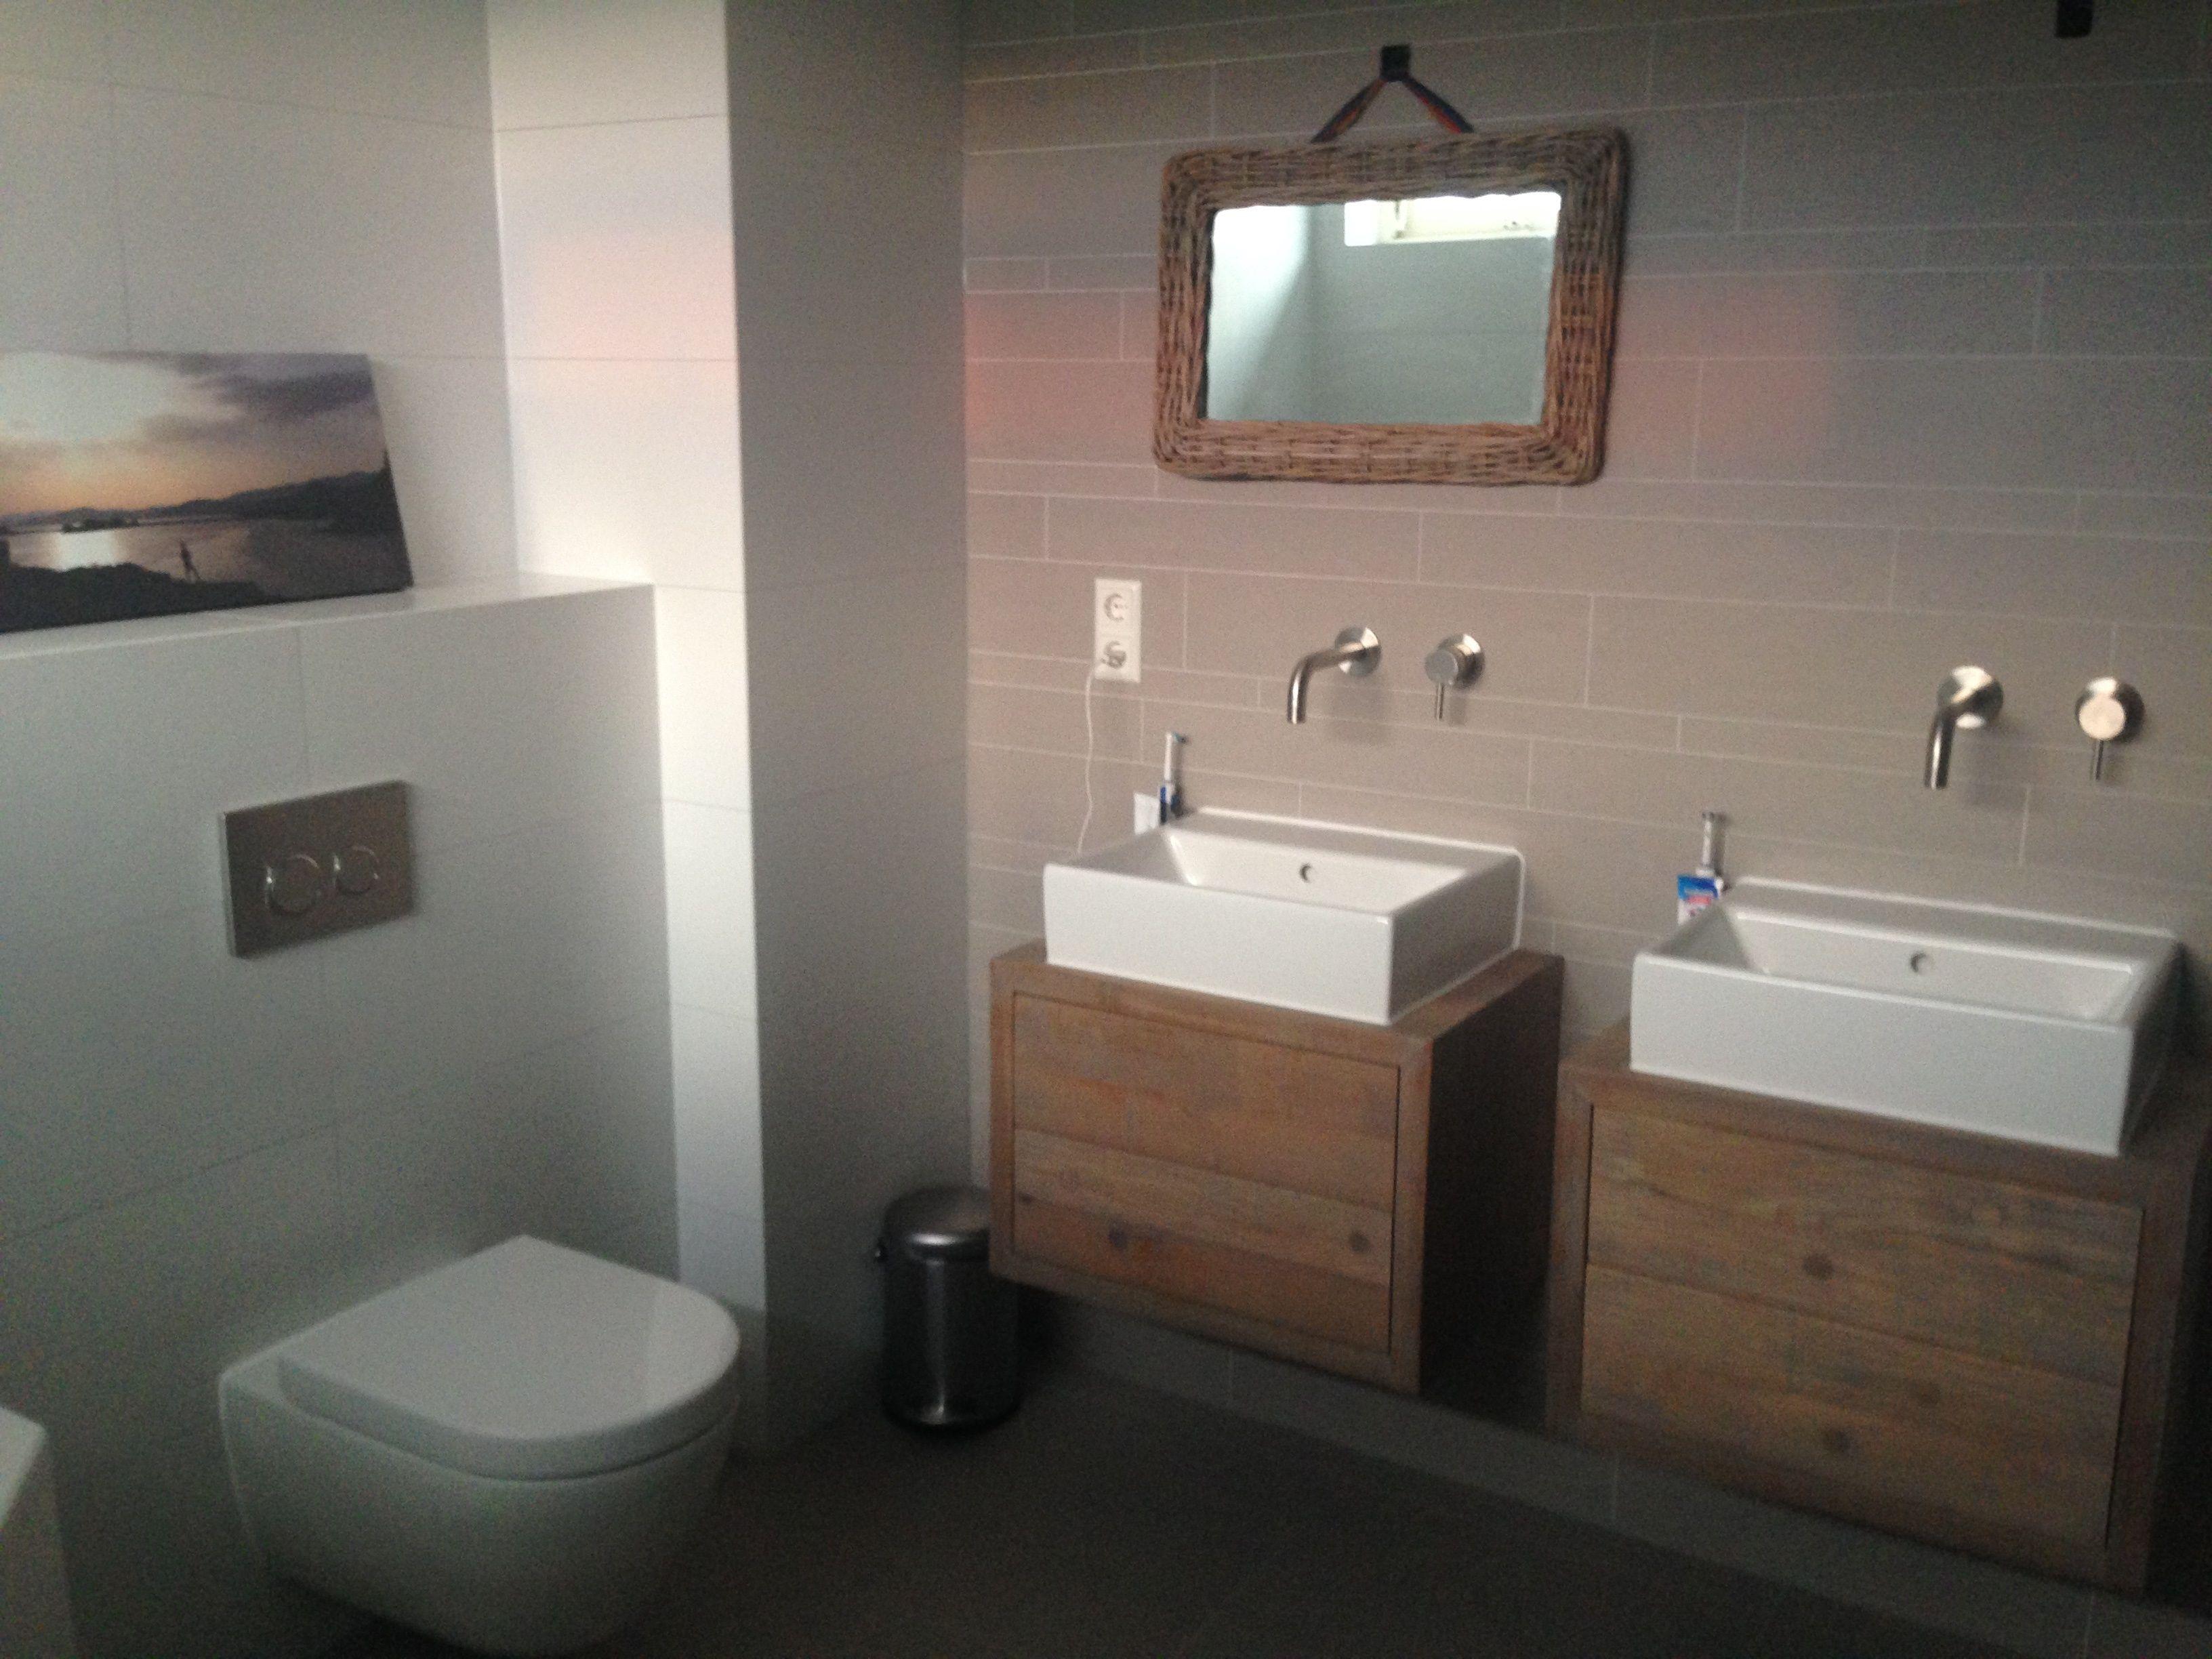 rak gpd 59 tegelstroken badkamer rak tegels pinterest